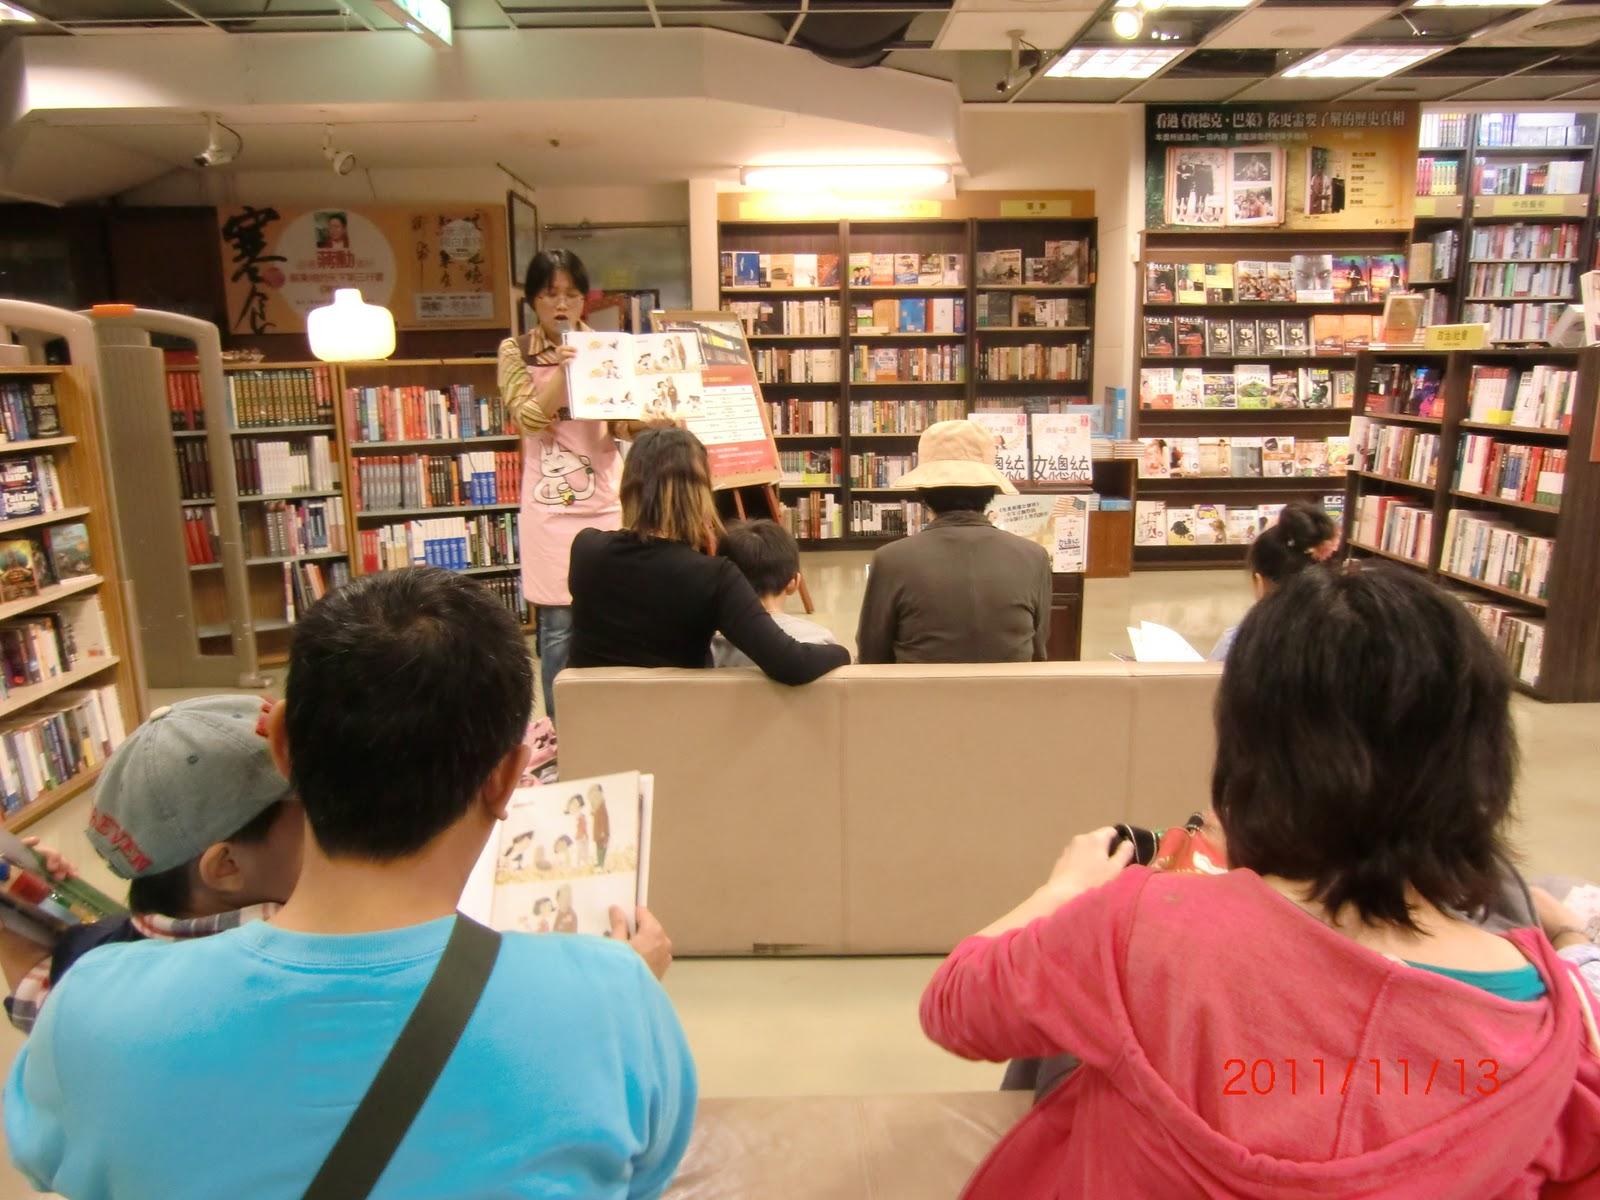 燦爛笑容的向日葵女孩: 2011/11/13 小魯姊姊到民權何嘉仁書店說《我是美國女總統》的故事